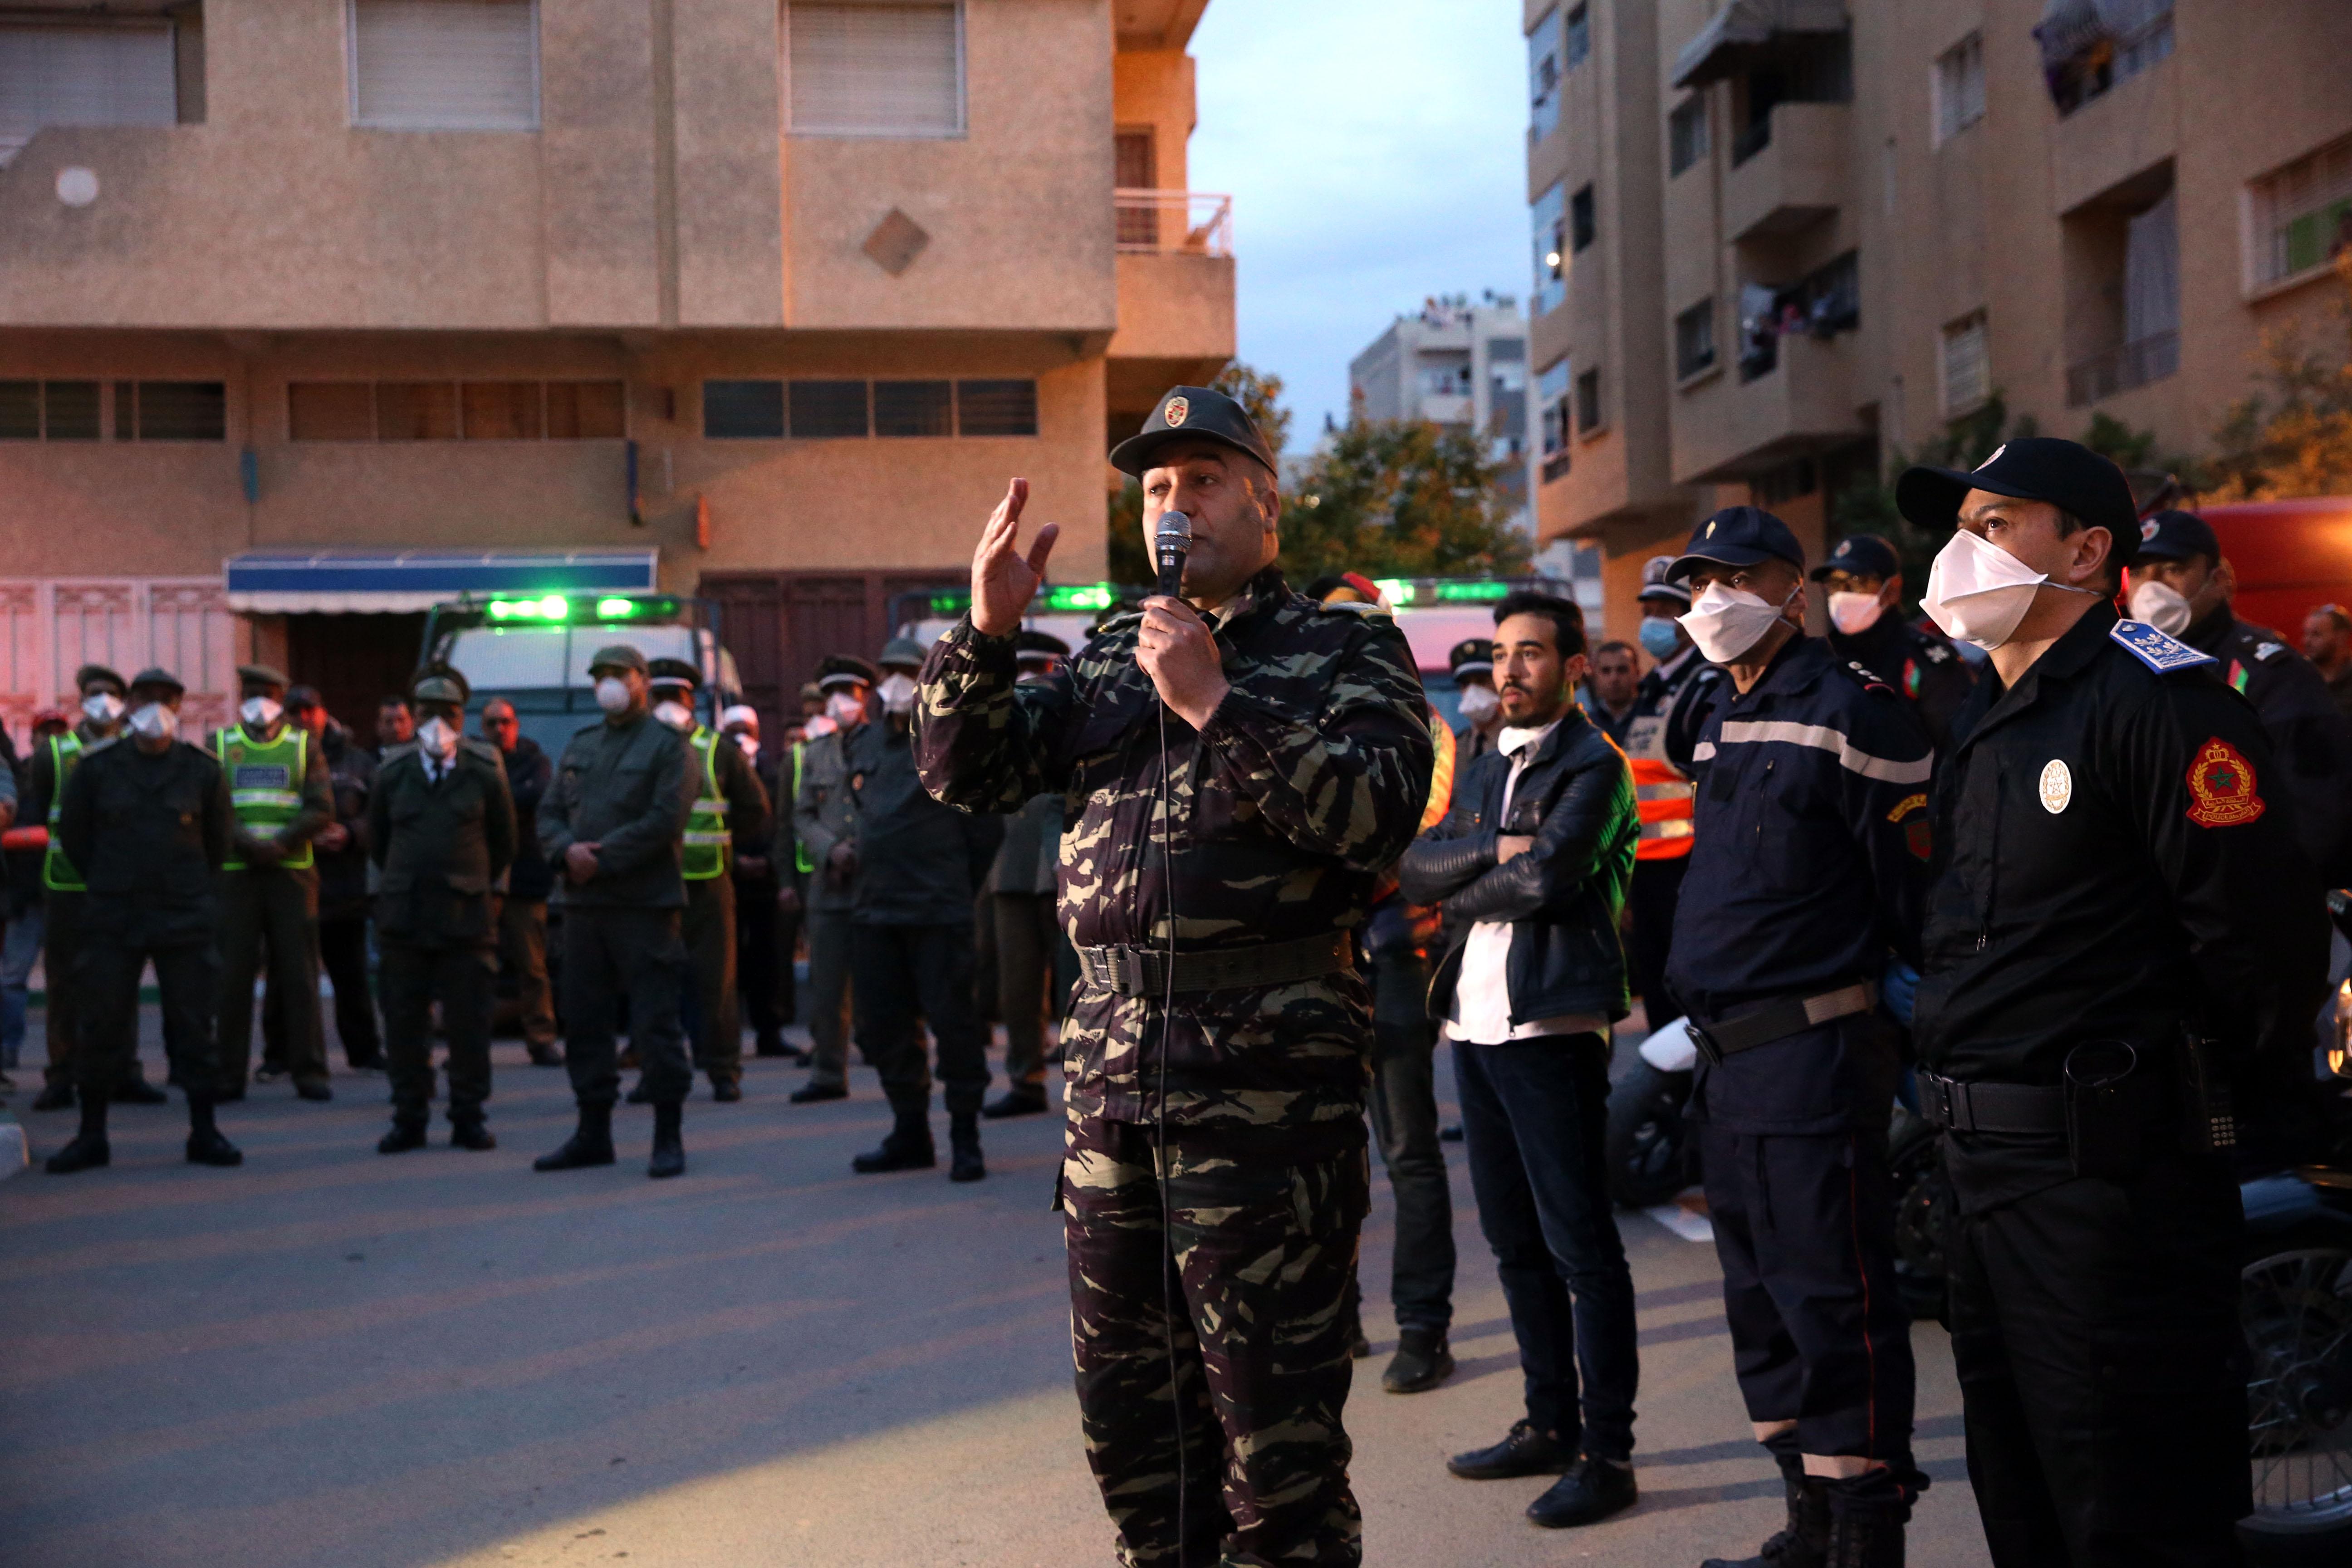 Mobilisation sans faille des forces de l'ordre